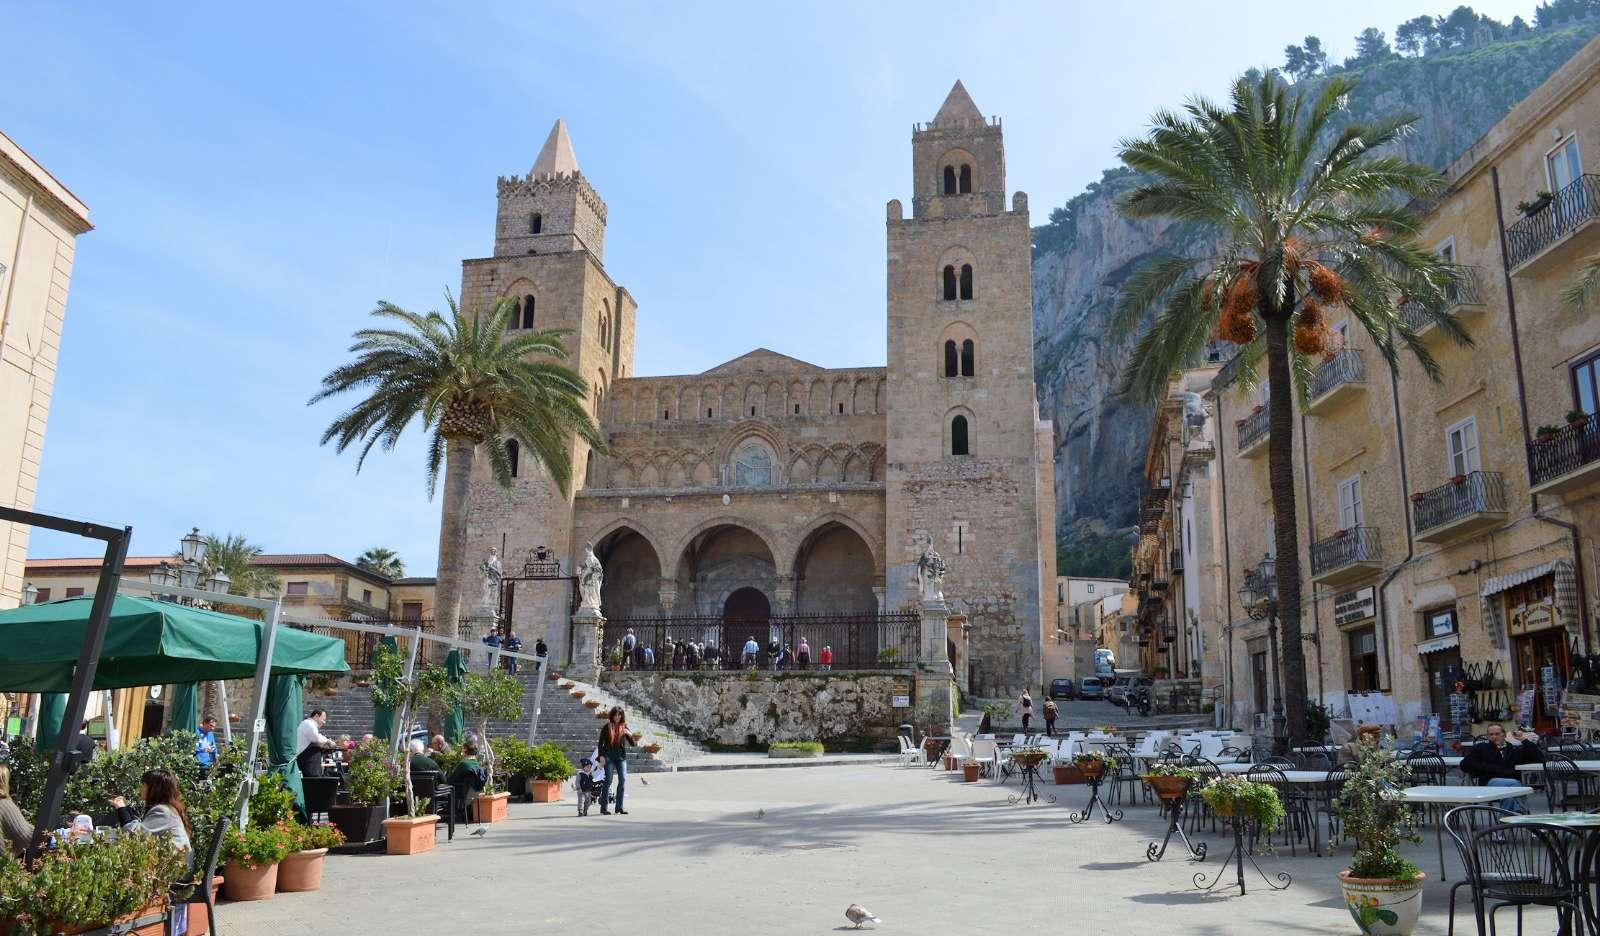 La cathédrale de Cefalù